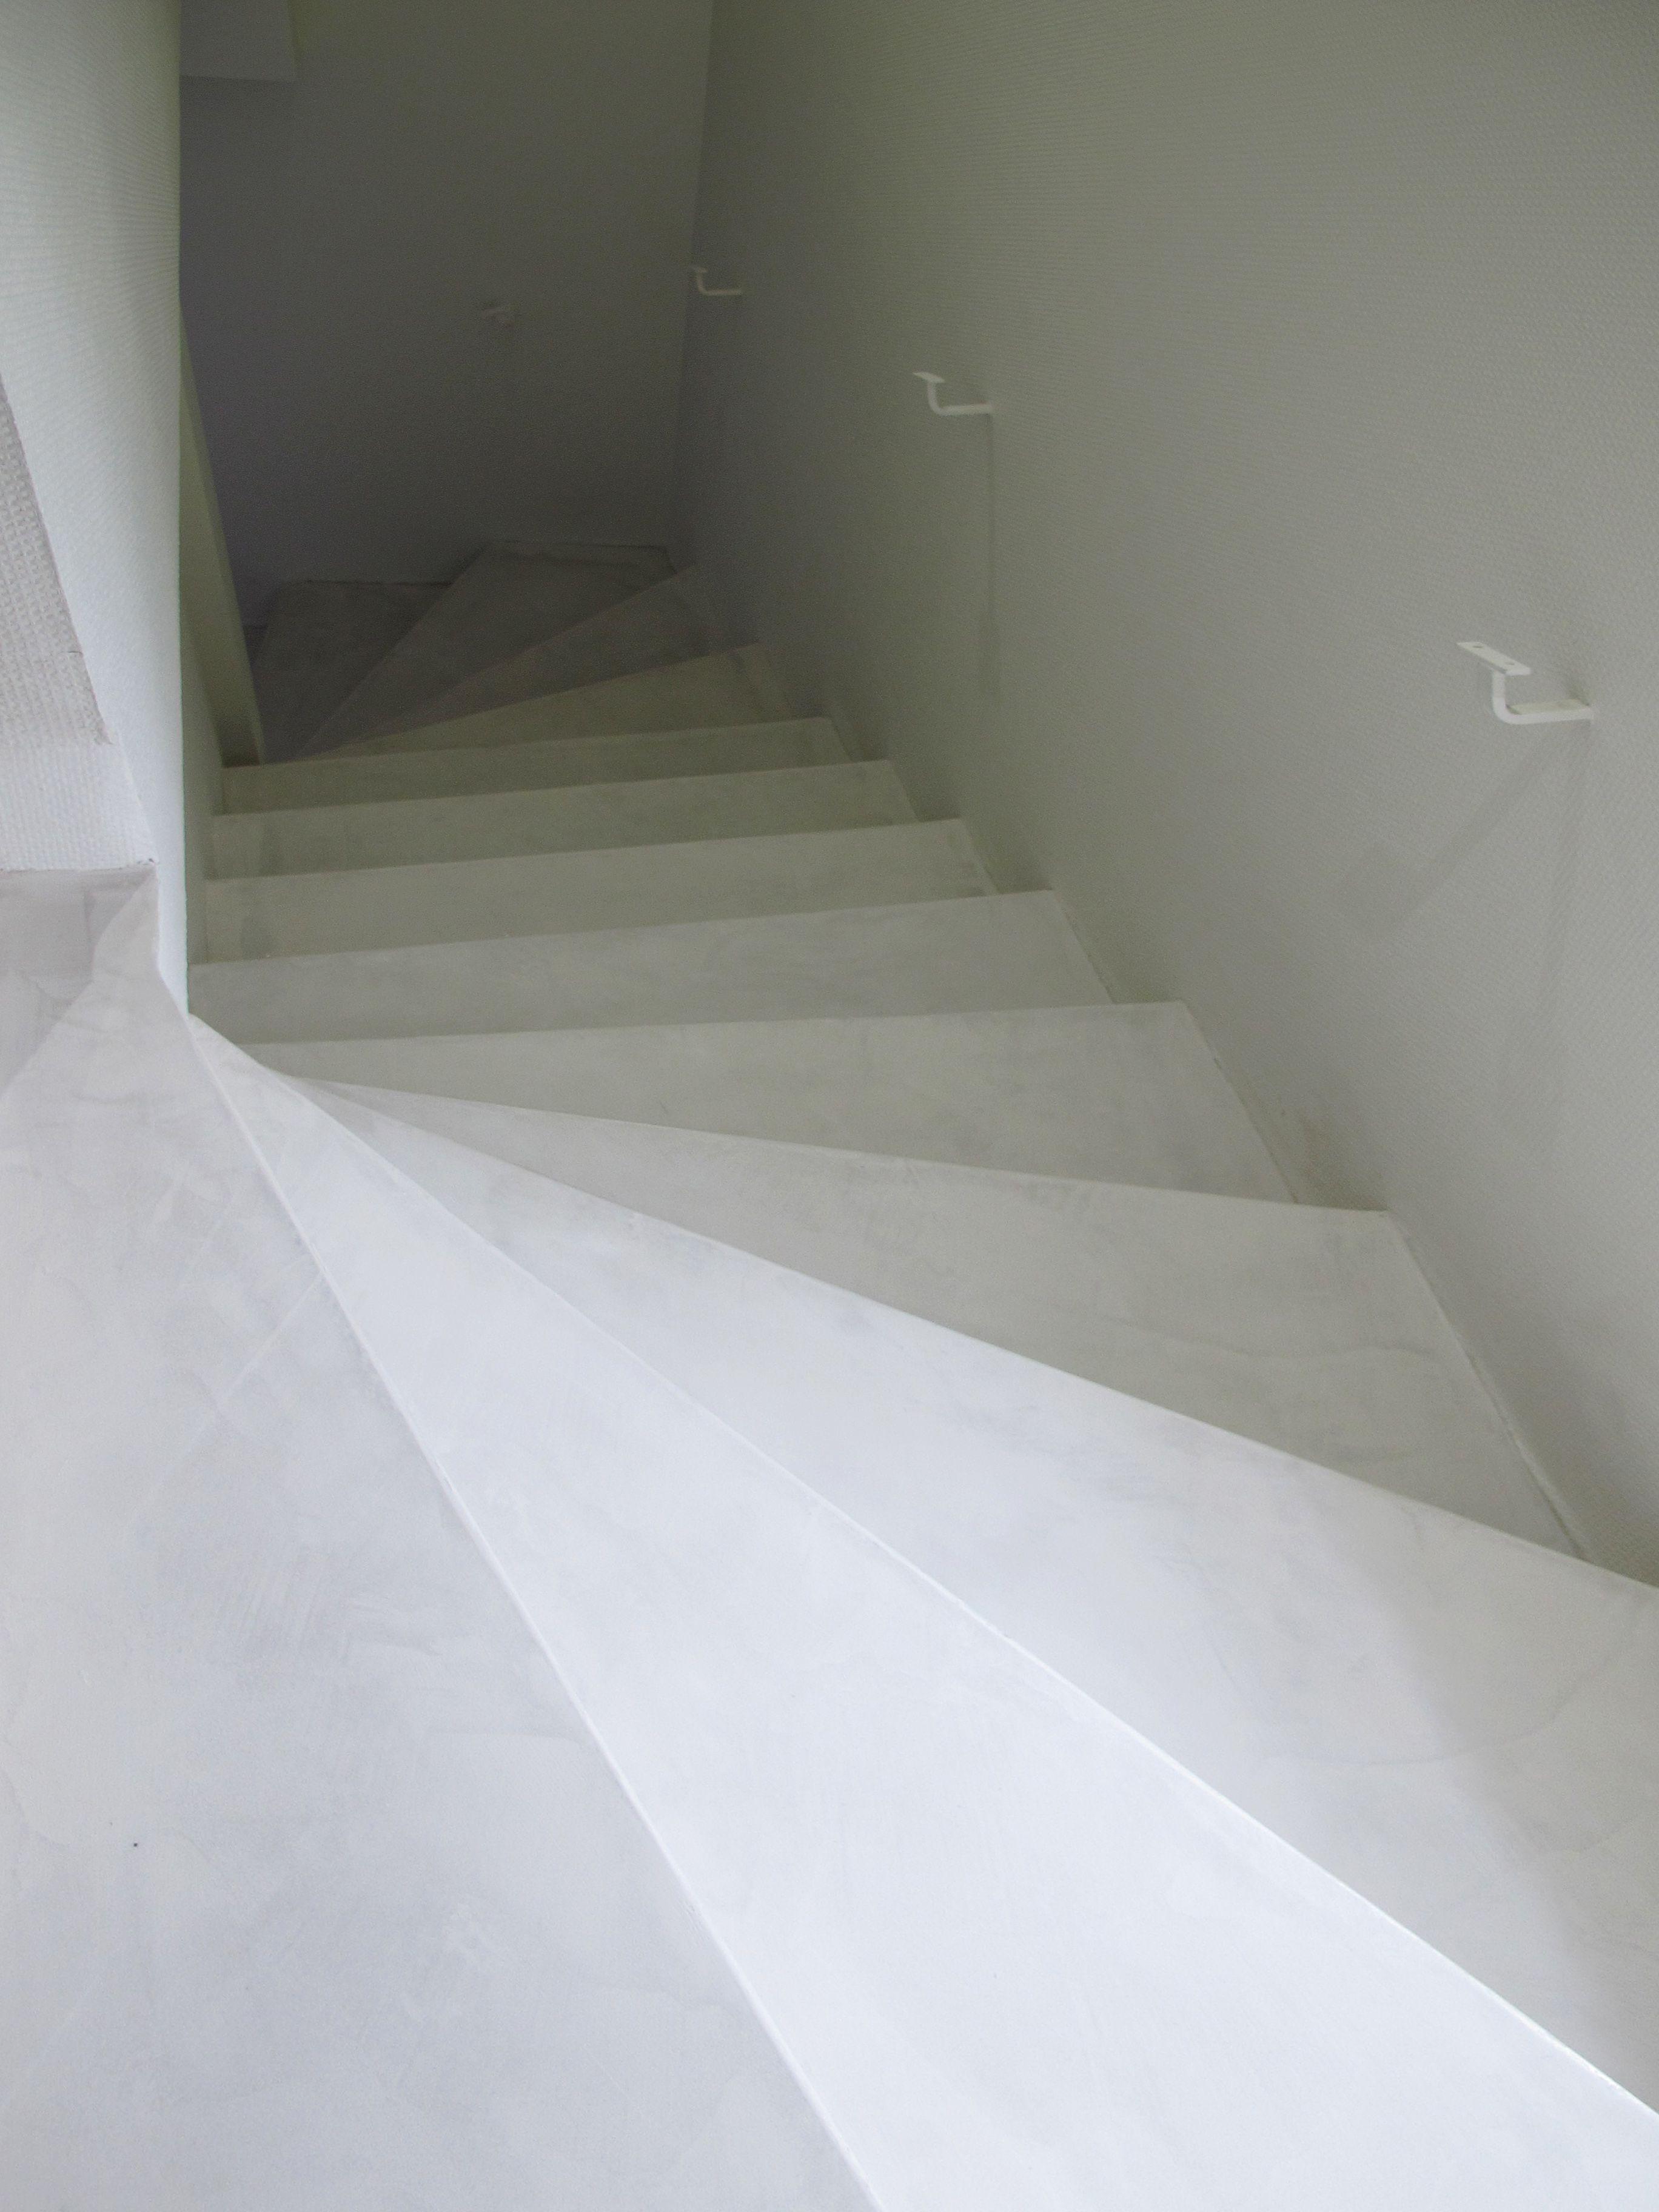 escalier beton cir blanc escalier beton cir blanc en 2019. Black Bedroom Furniture Sets. Home Design Ideas